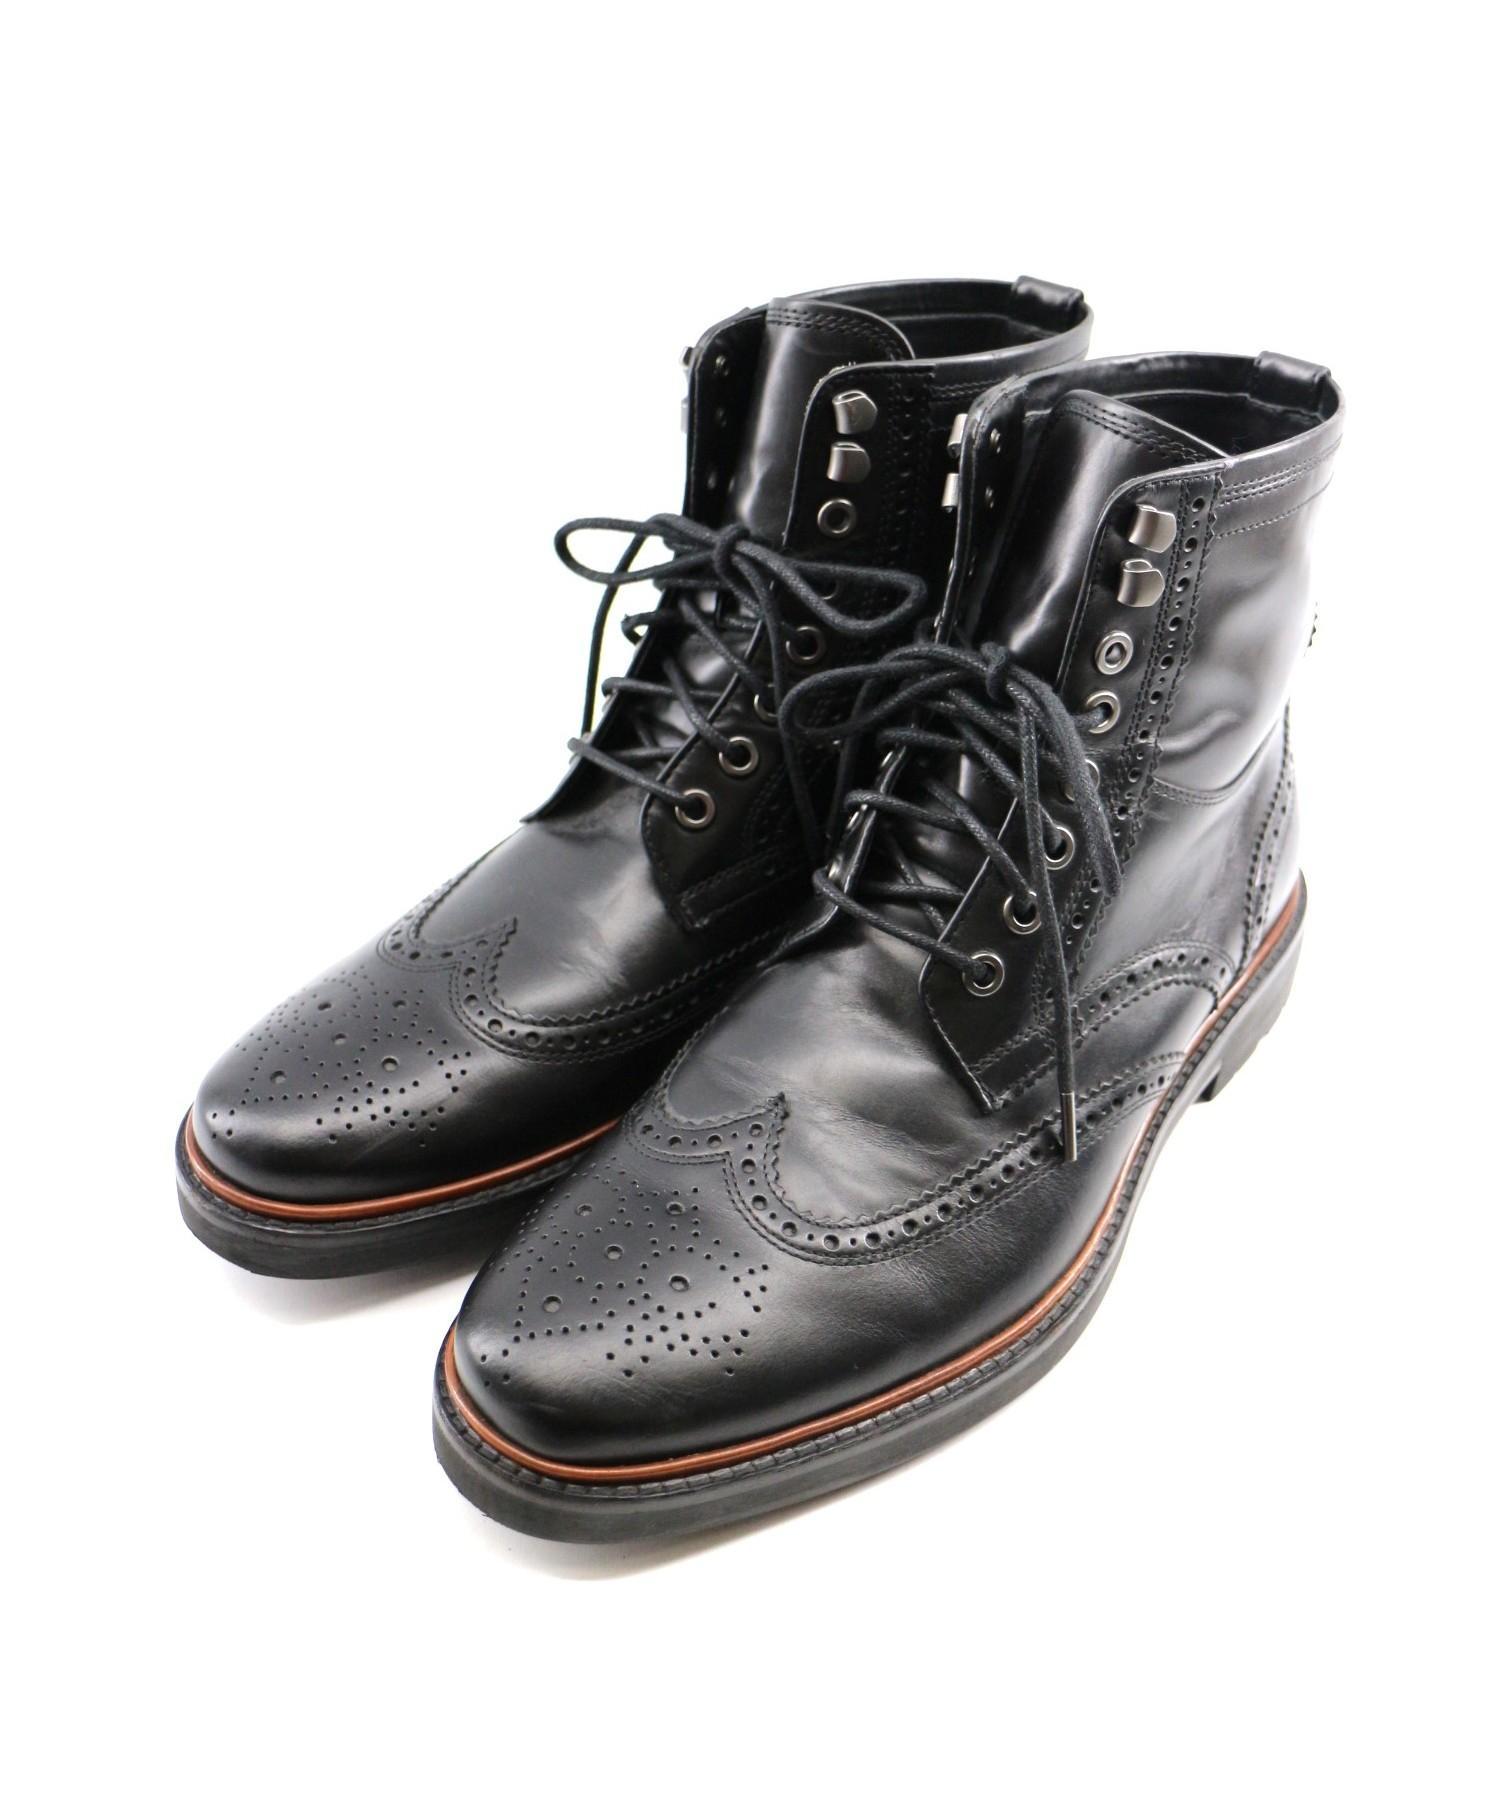 427f42cf3c7a 中古・古着通販】COACH (コーチ) ウィングチップブーツ ブラック サイズ ...